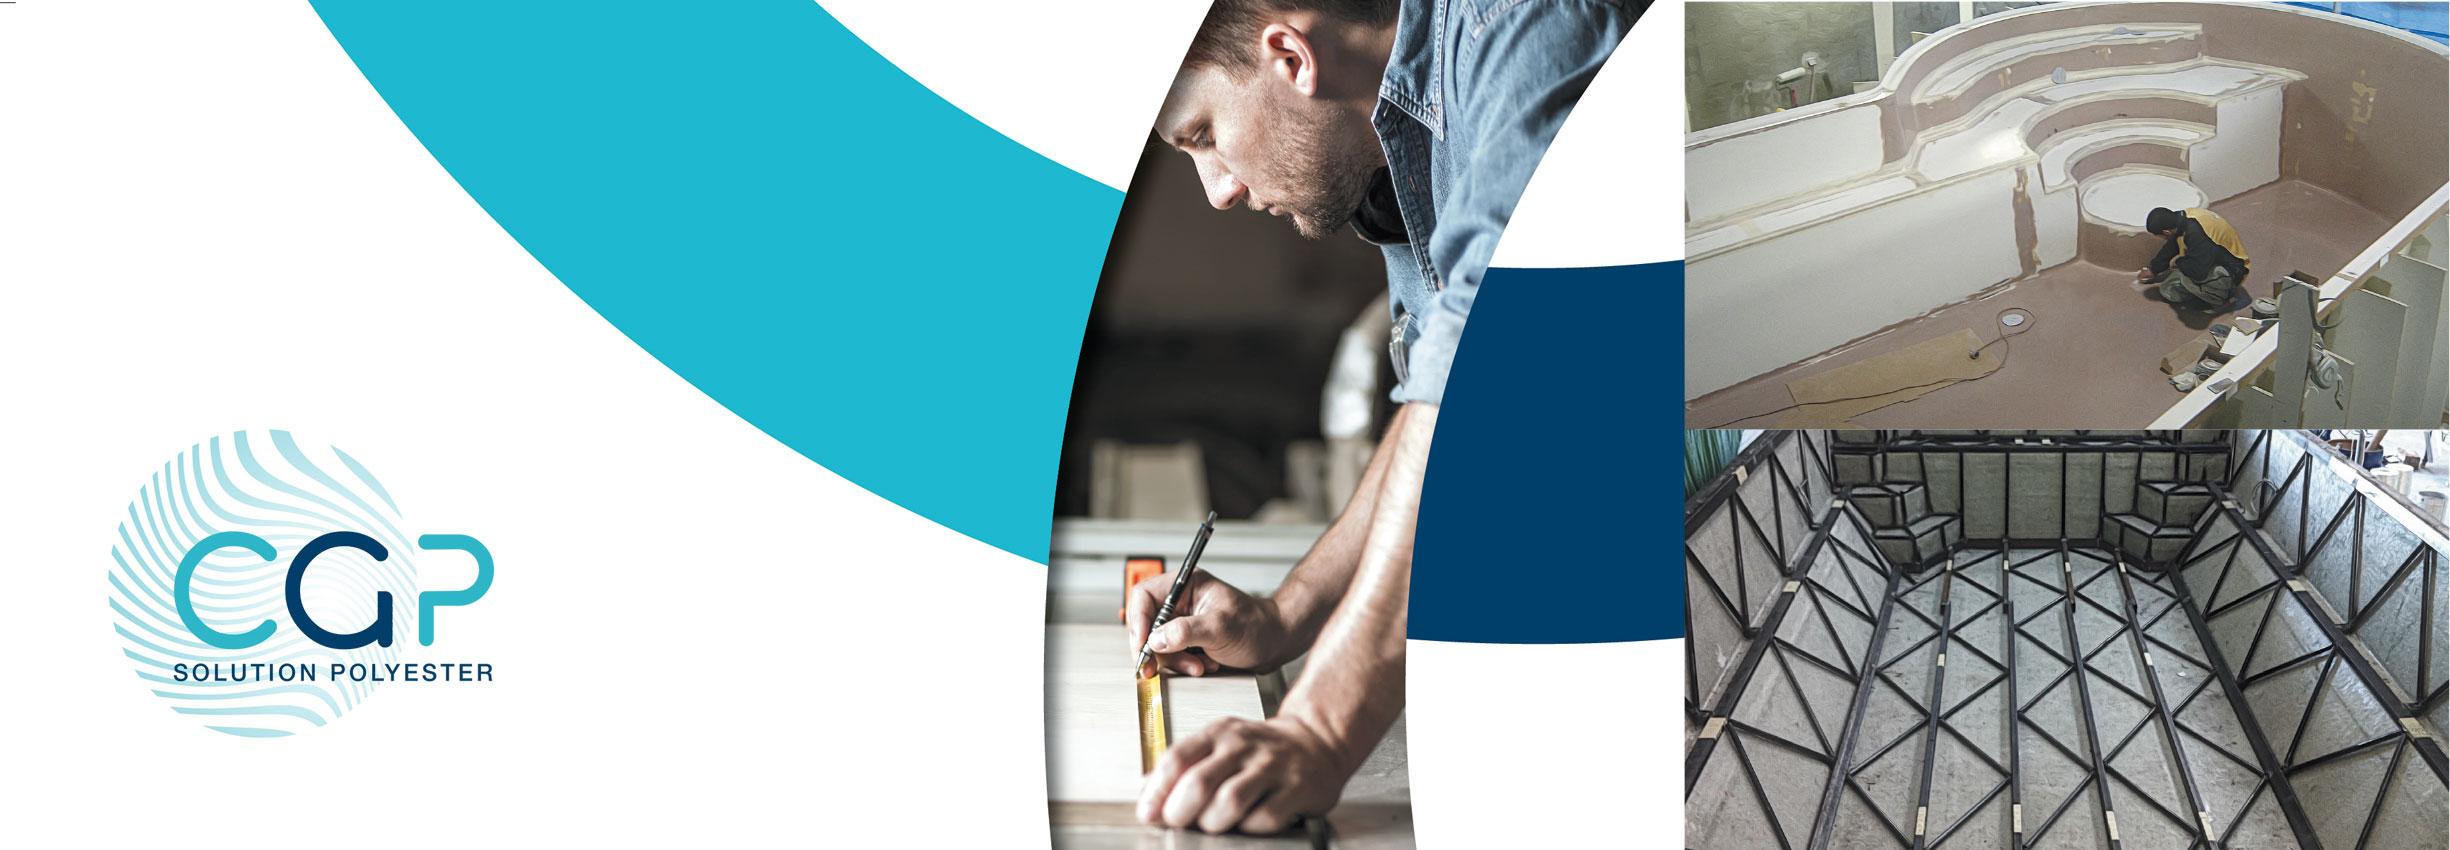 cgp-solutions-polyester-innovantes CGP : une nouvelle structure spécialisée dans la création, la fabrication et la location de moules pour piscines coques polyester